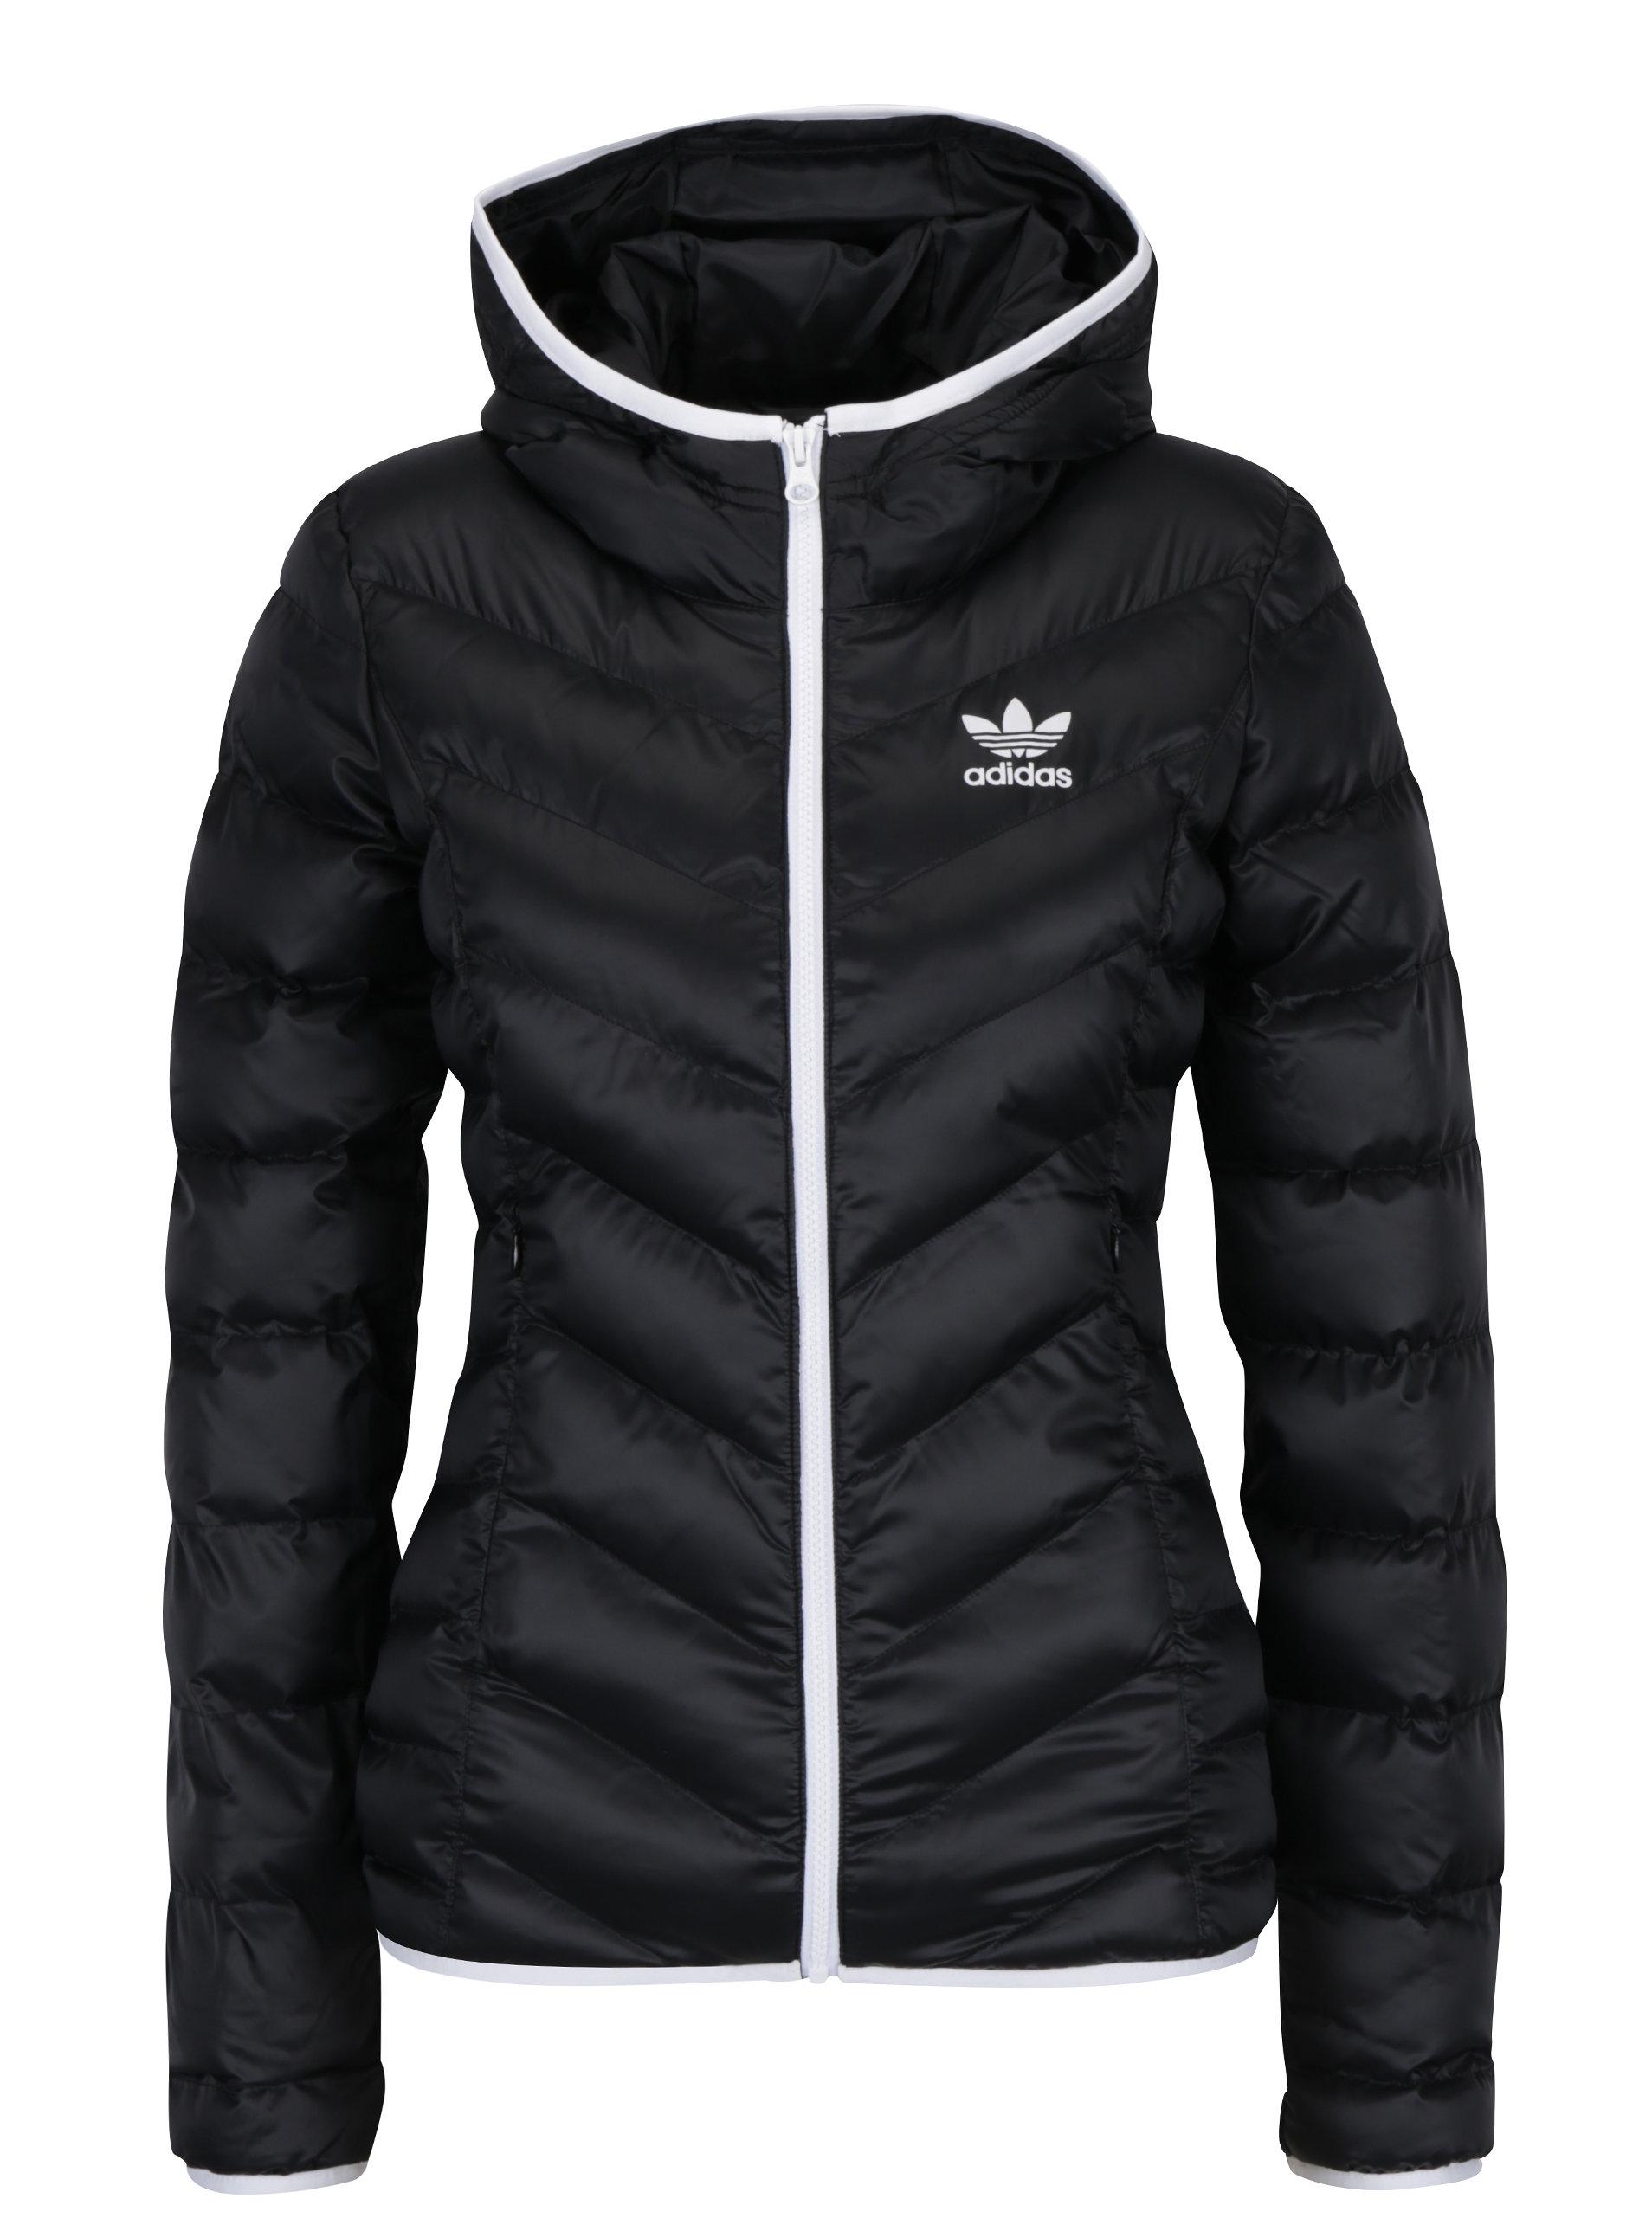 Čierna dámska prešívaná bunda s kapucňou adidas Originals Slim ... a361ad1a832